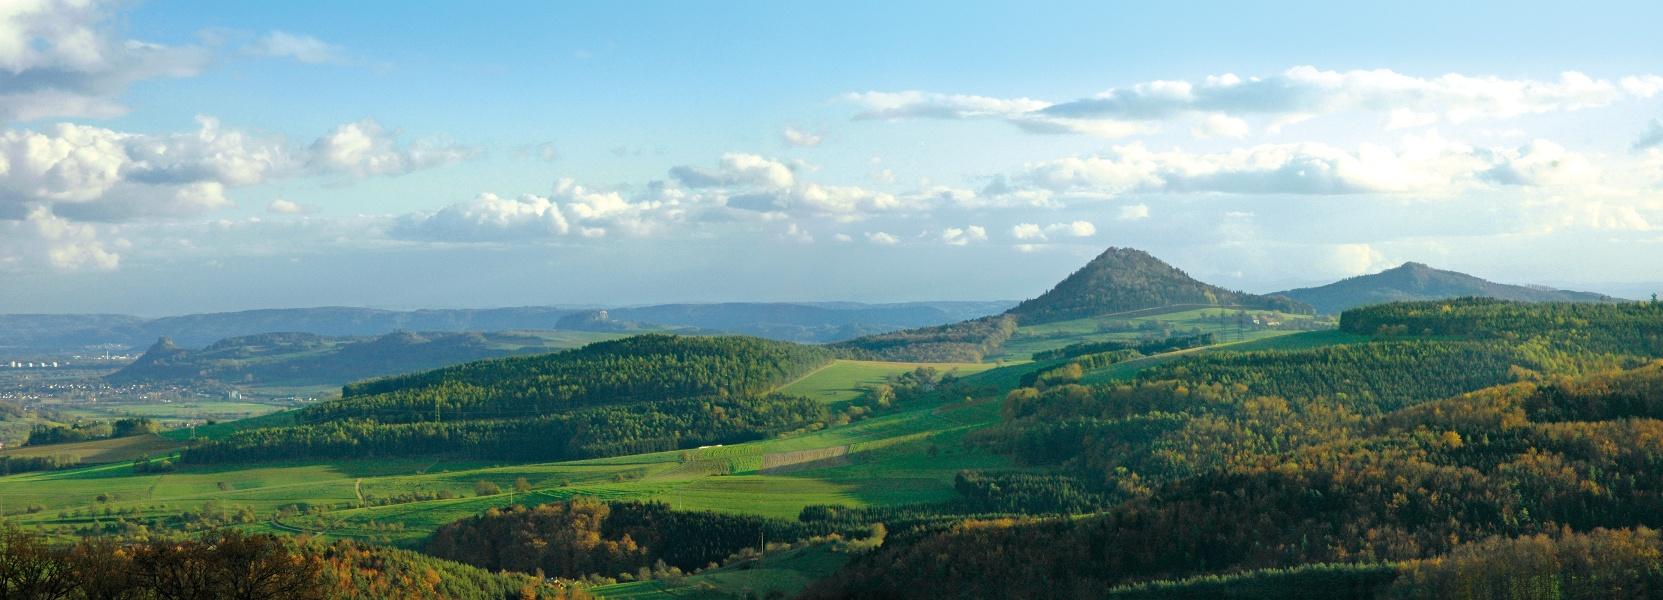 Burgen im Hegau B2 - Von Engen über den Hohenhewen zum Hegaublick